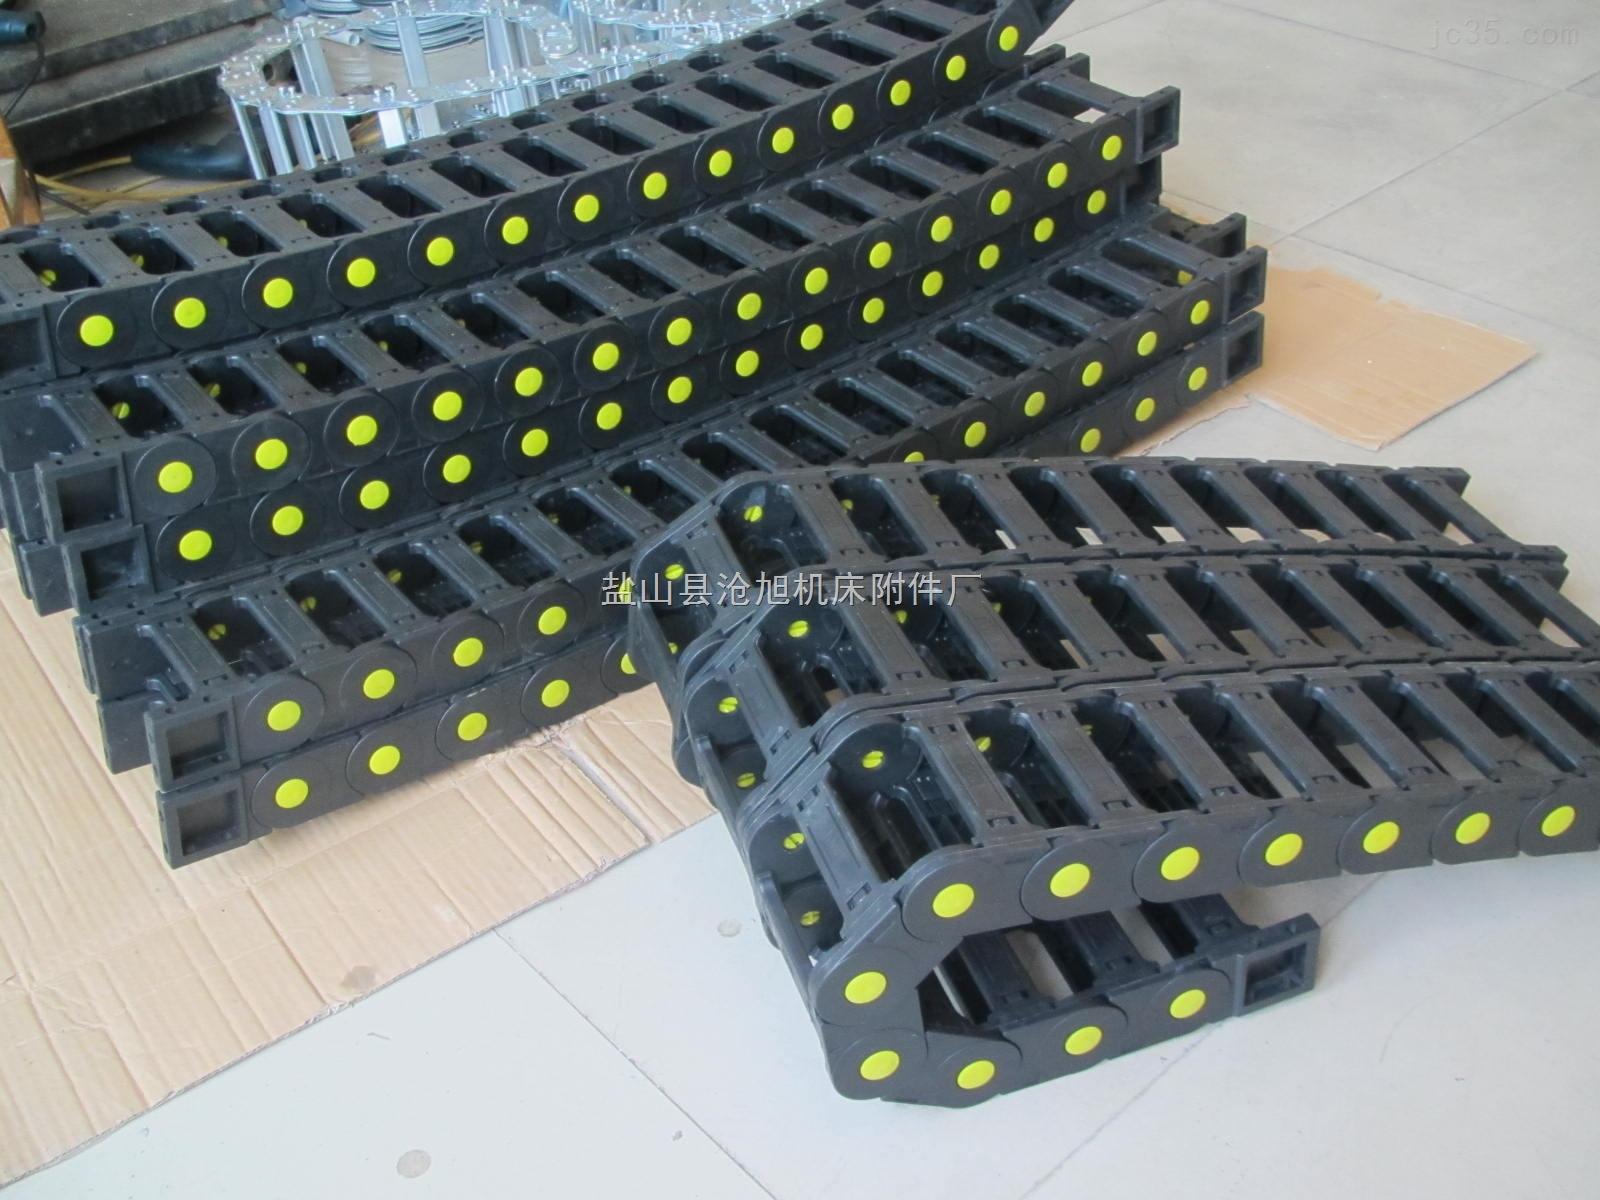 厂家直销包邮机床工程塑料拖链